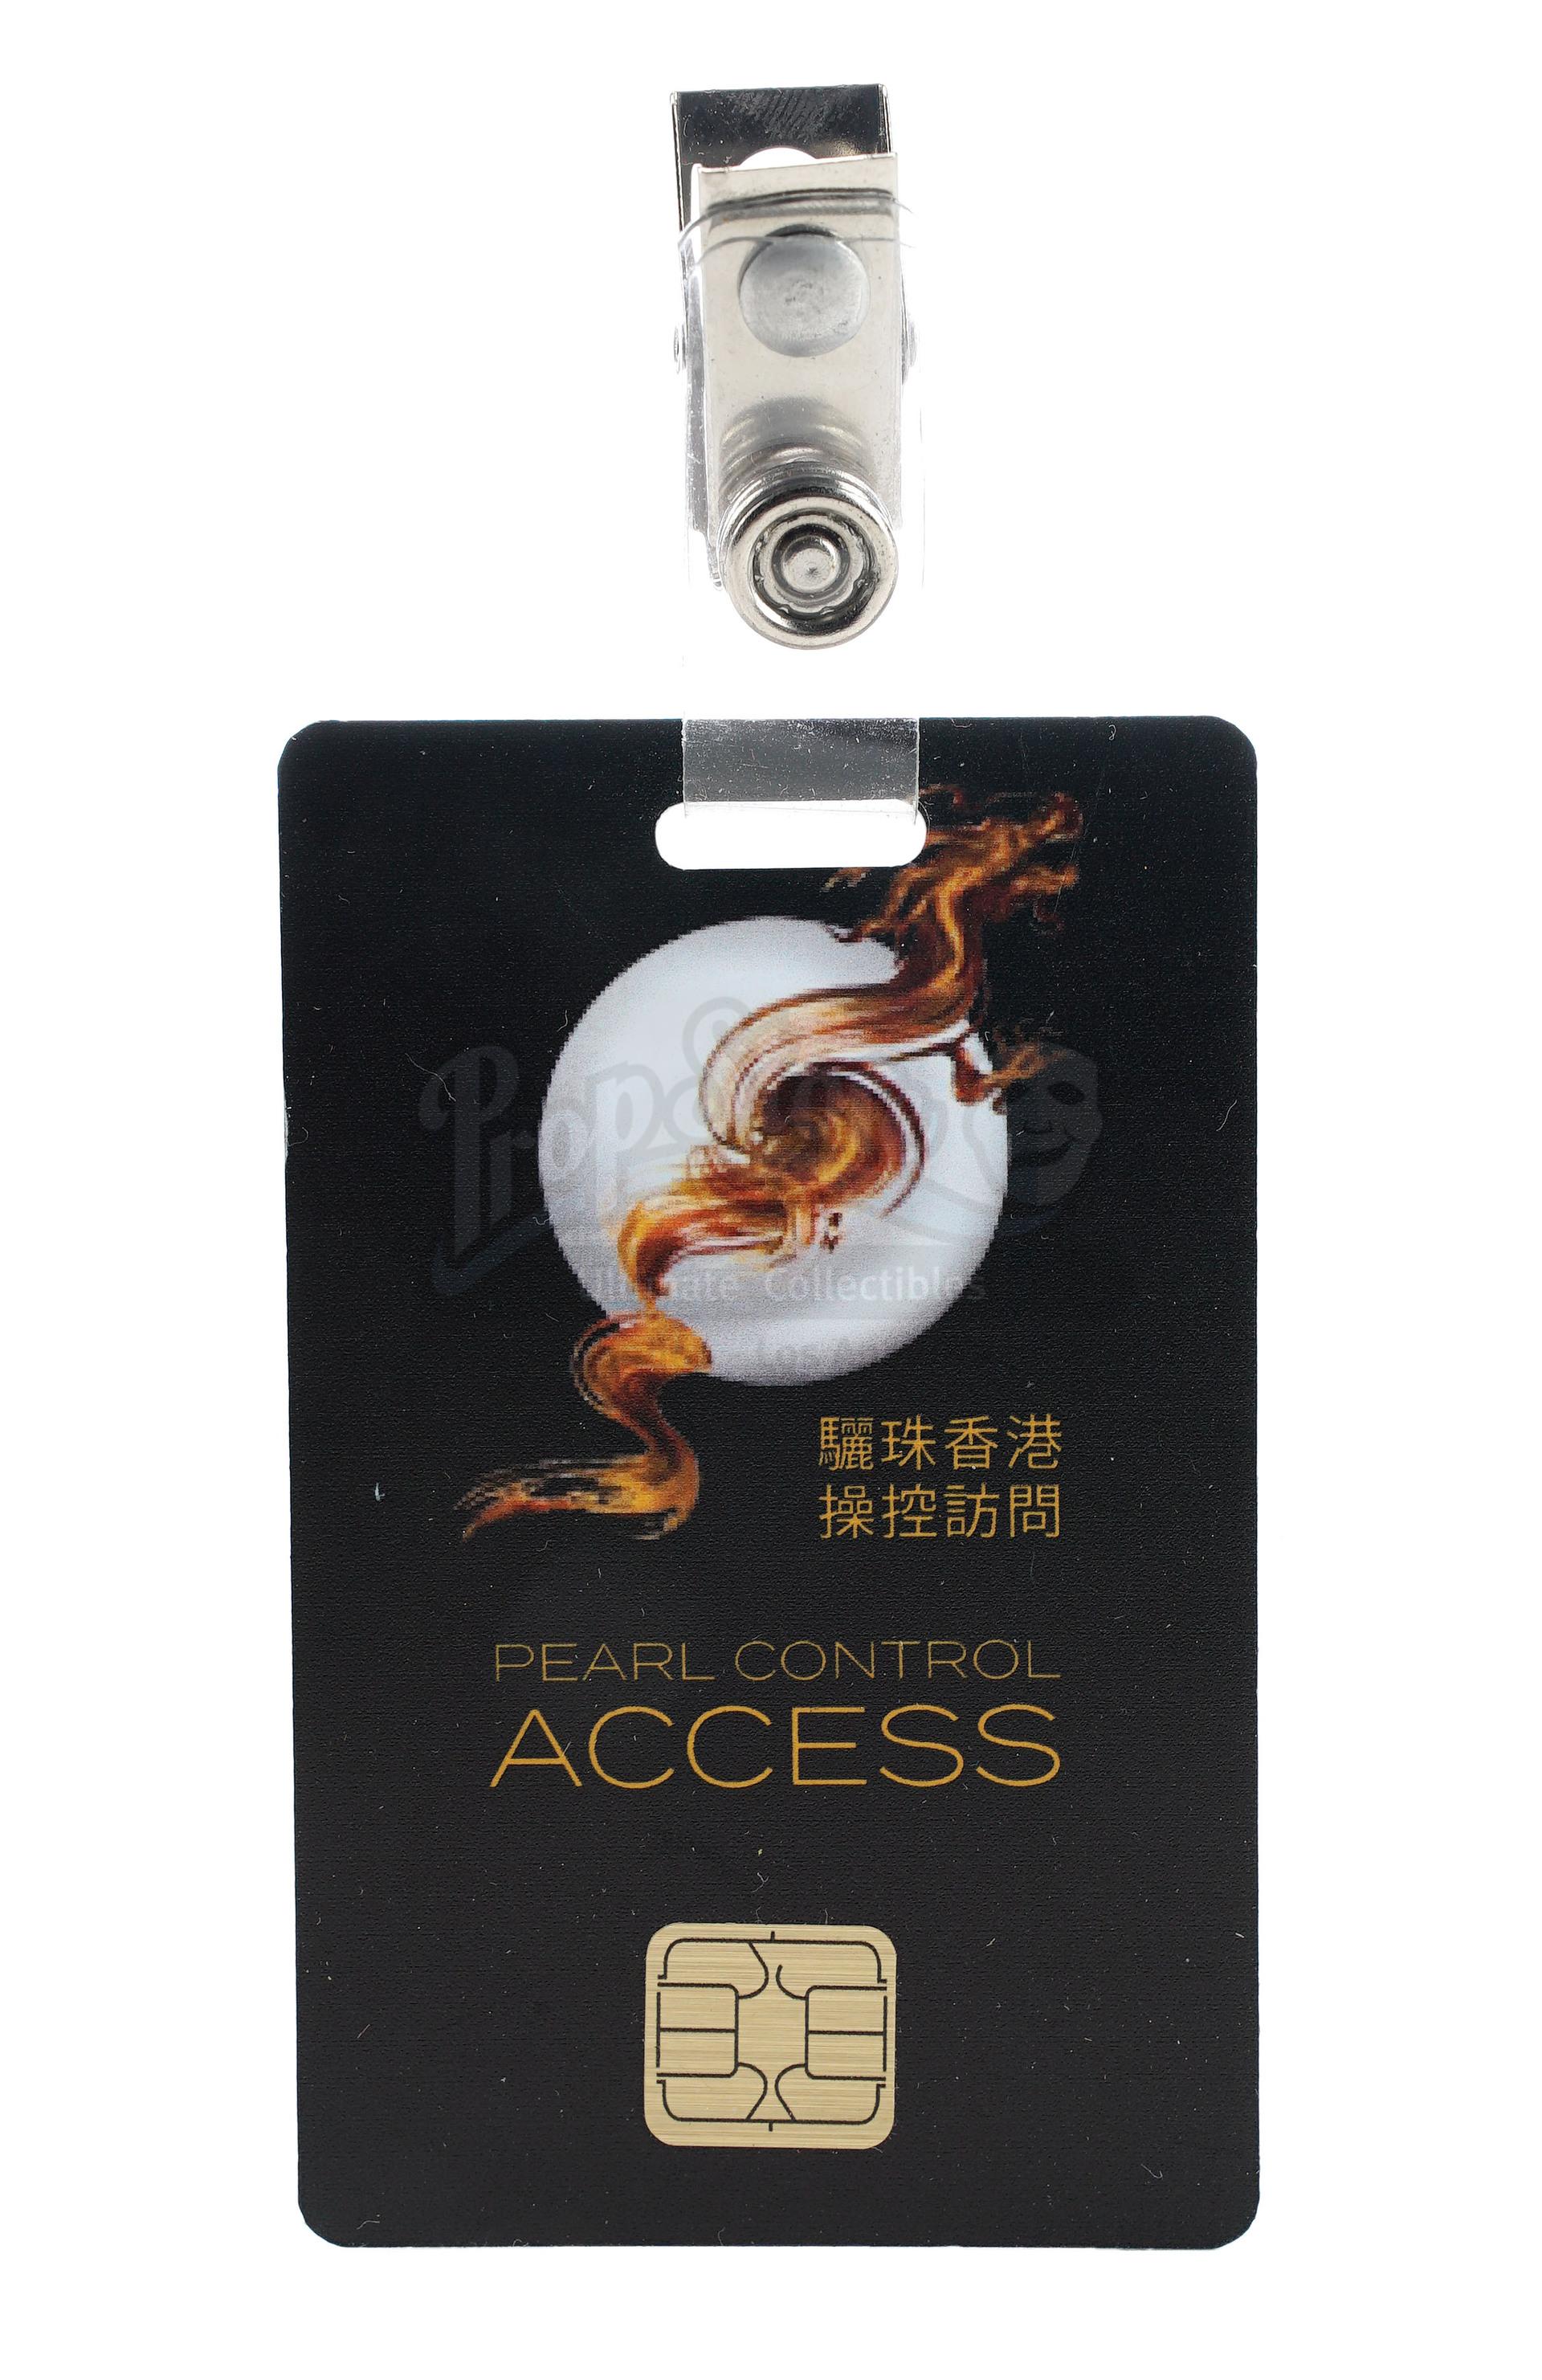 Lot # 1018: SKYSCRAPER - Zhao Long Ji's (Chin Han) Non-Functioning Flash Drive and Pearl Employee Ac - Image 5 of 9